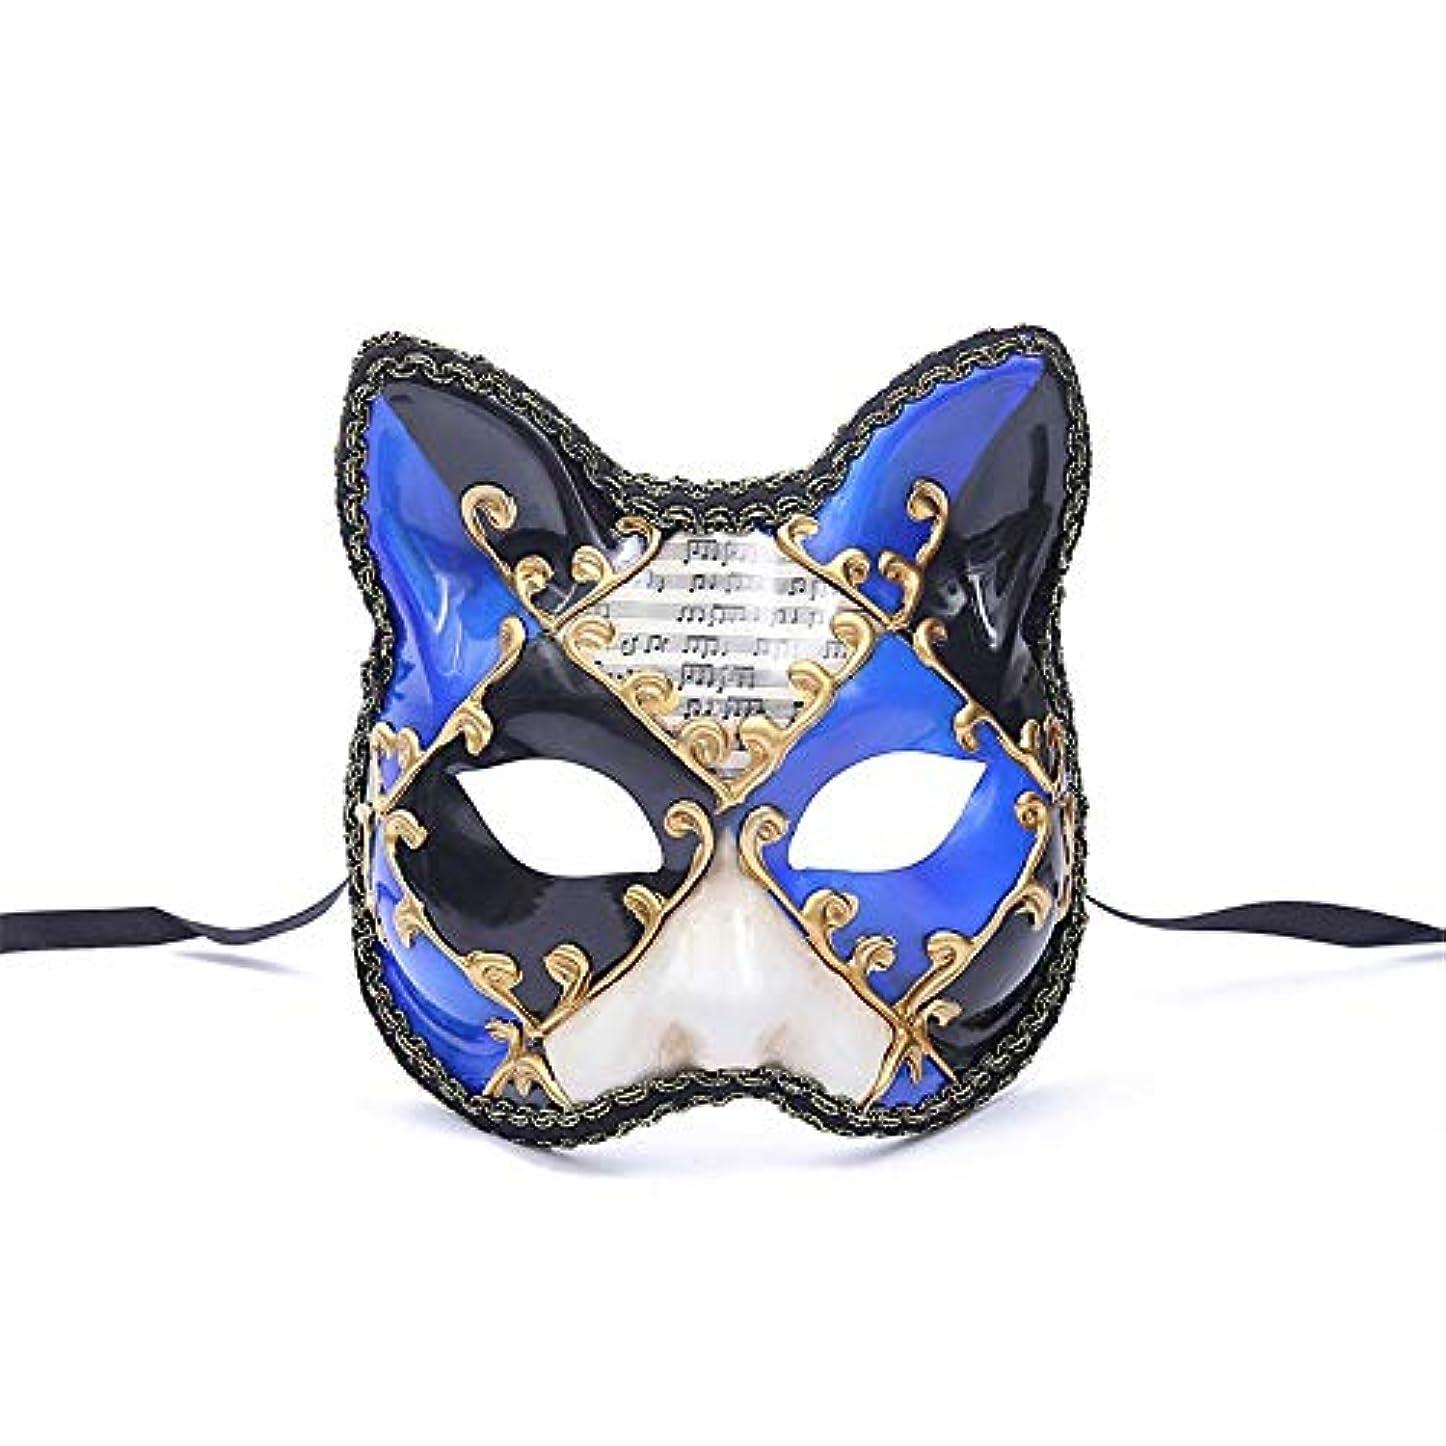 にやにや取得気楽なダンスマスク 大きな猫アンティーク動物レトロコスプレハロウィーン仮装マスクナイトクラブマスク雰囲気フェスティバルマスク ホリデーパーティー用品 (色 : 青, サイズ : 17.5x16cm)